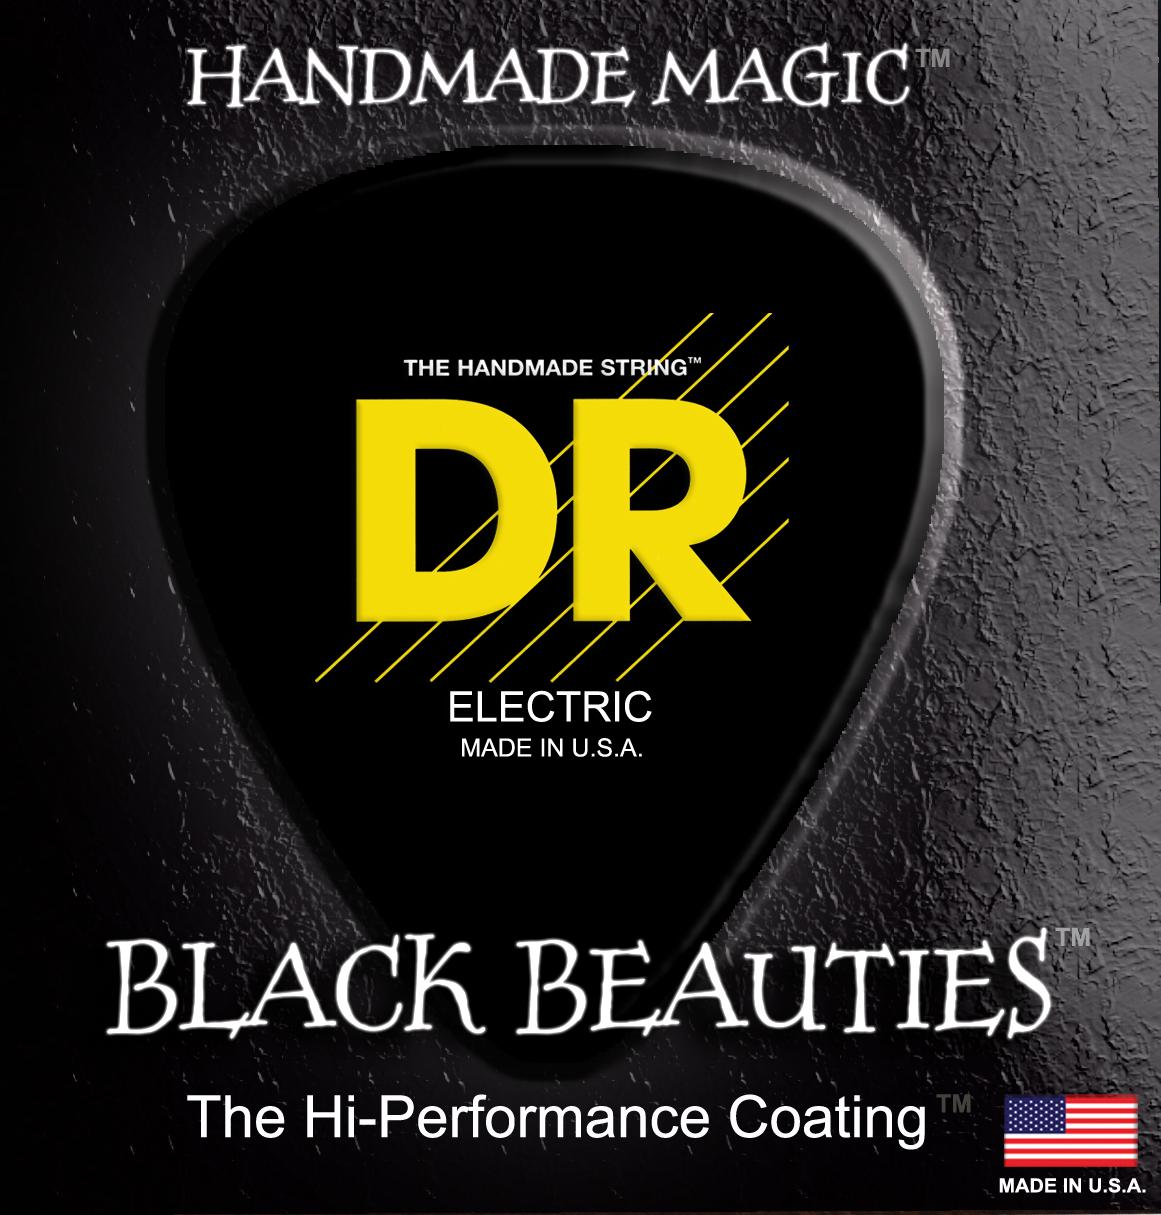 DR Strings Black Beauties Electric Big & Heavy